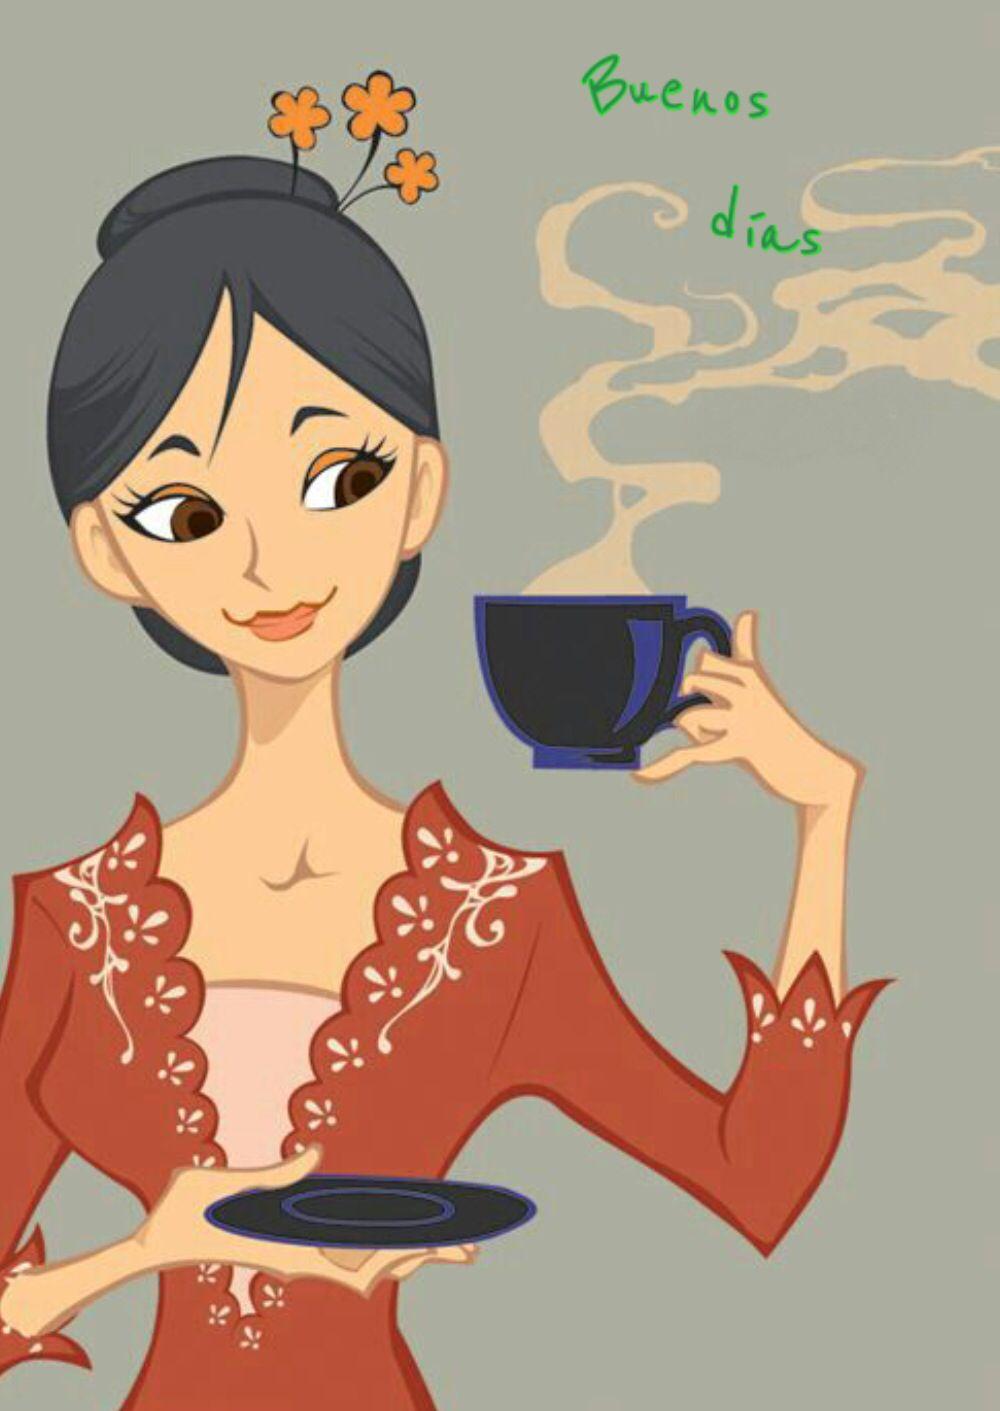 Buenos Dias Ilustracion De Cafe Bebiendo Cafe Ilustraciones